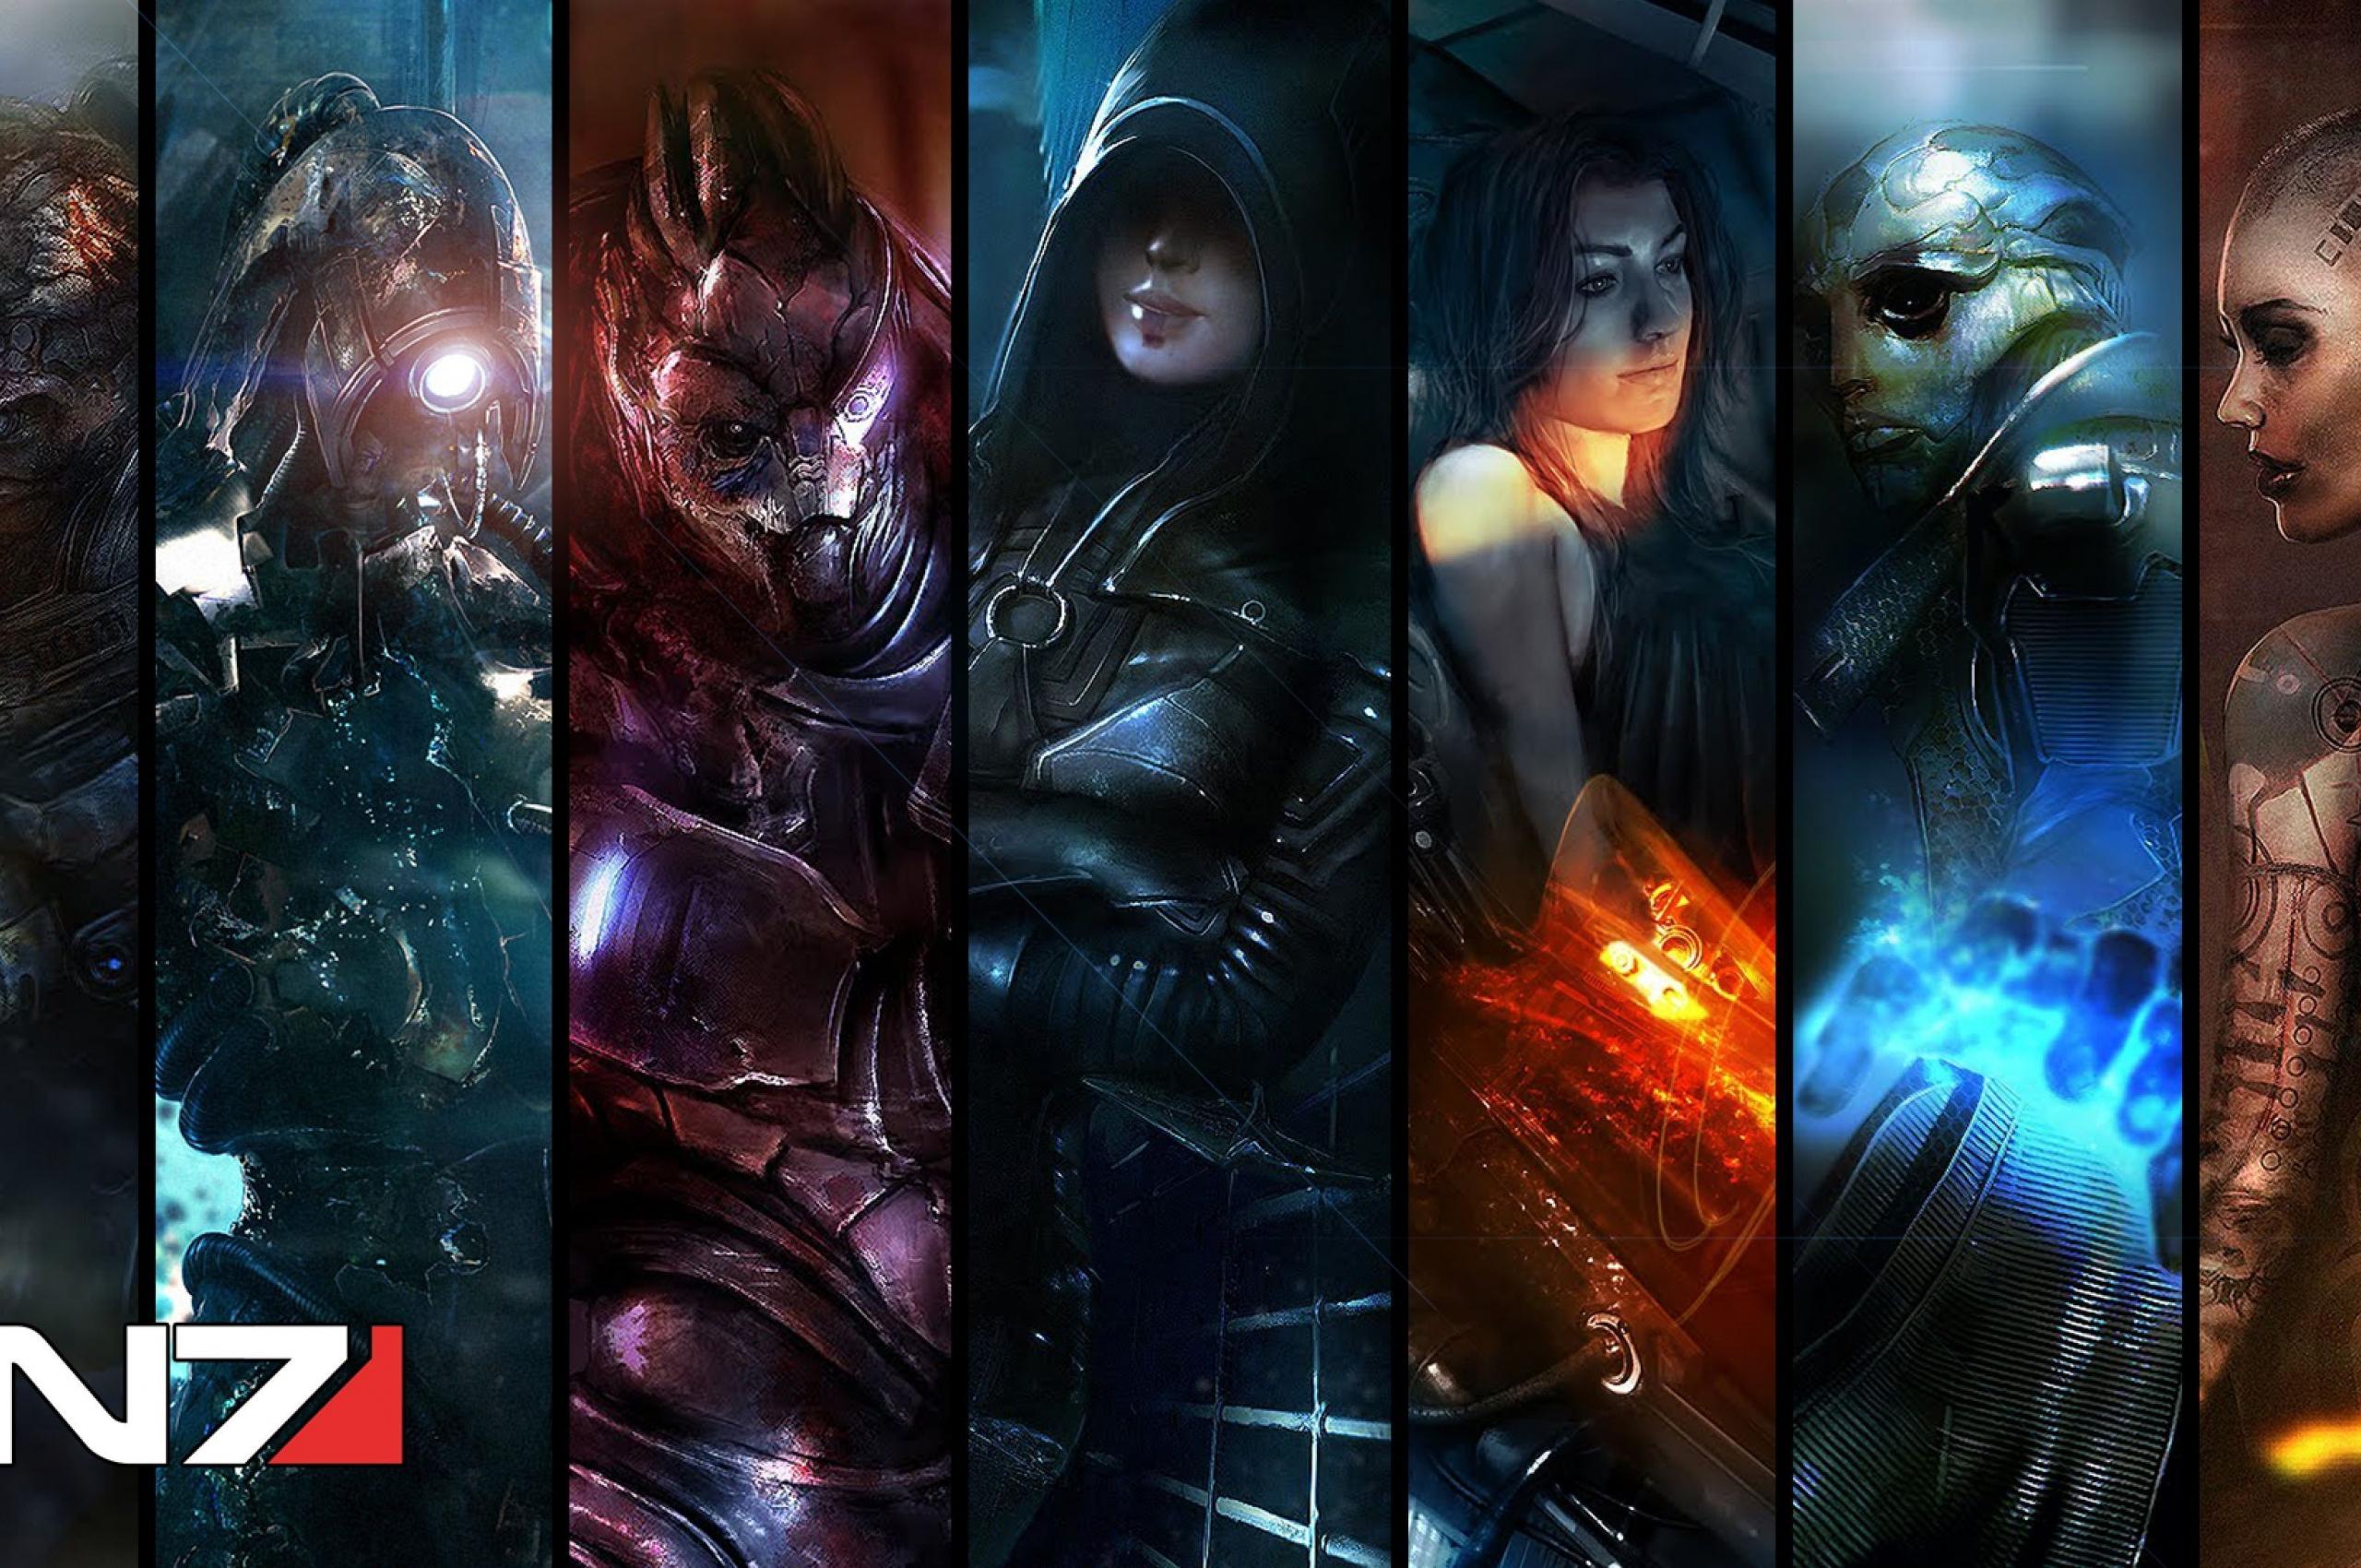 Free Download 4k Mass Effect Wallpapers Top 4k Mass Effect